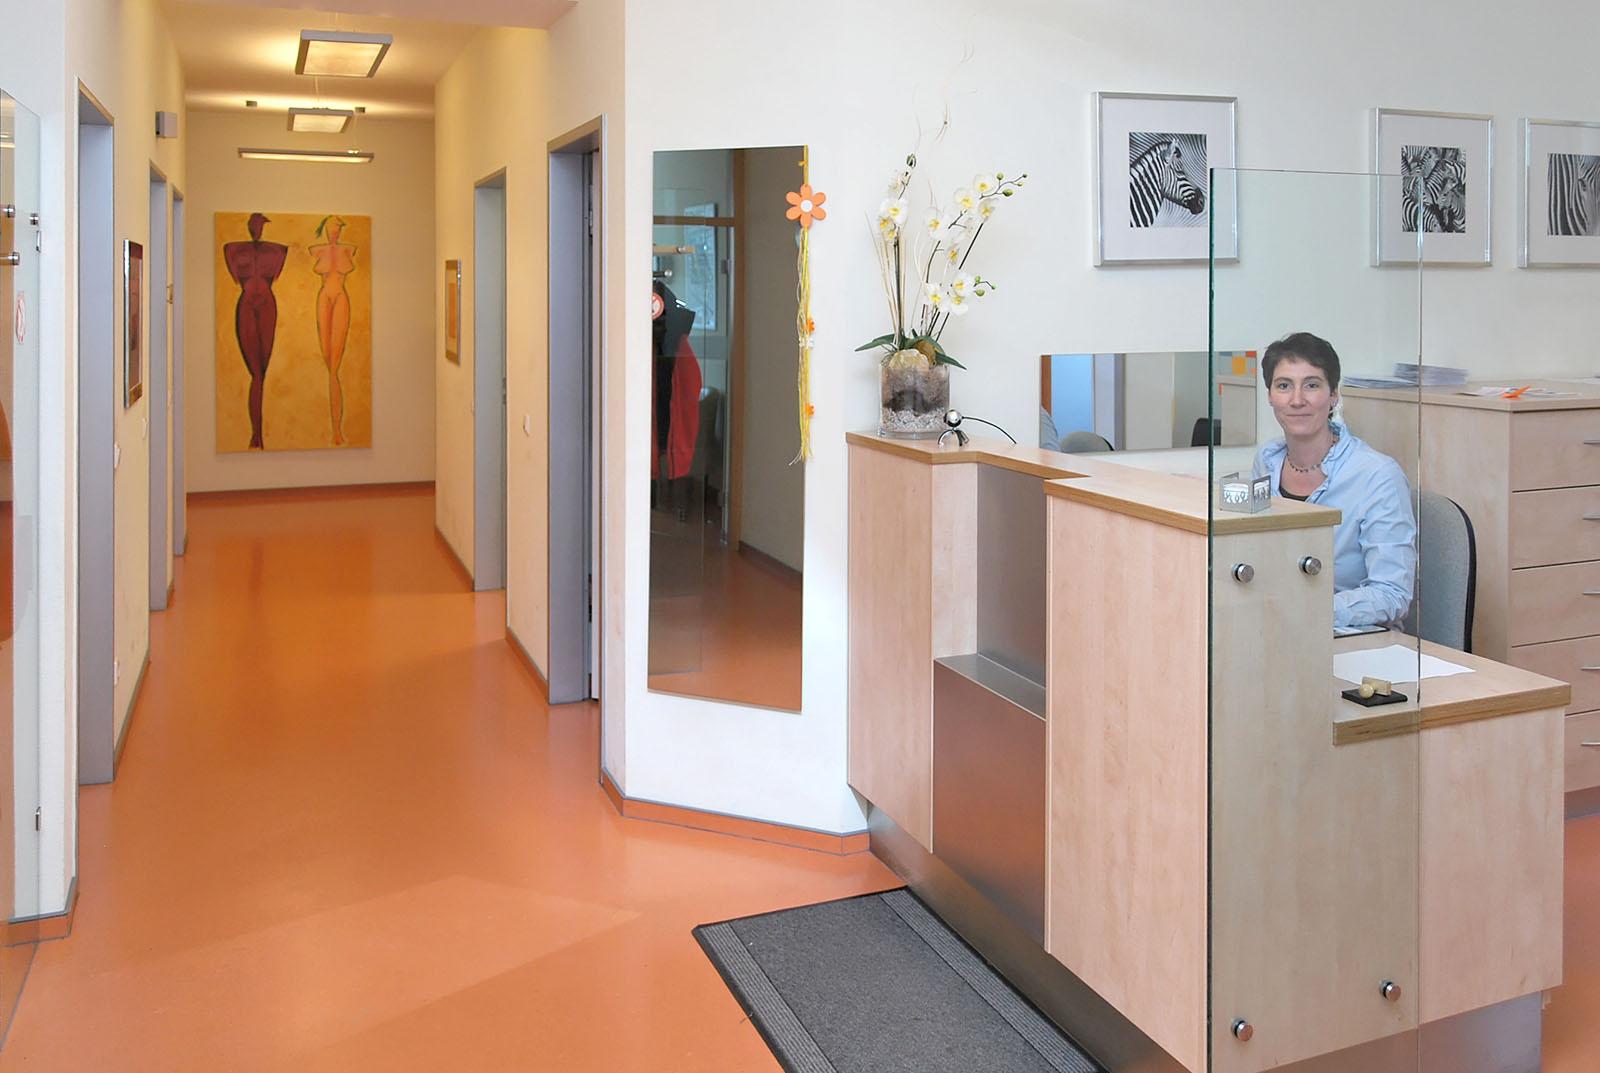 Praxis Urologe Osnabrück, Anmeldung